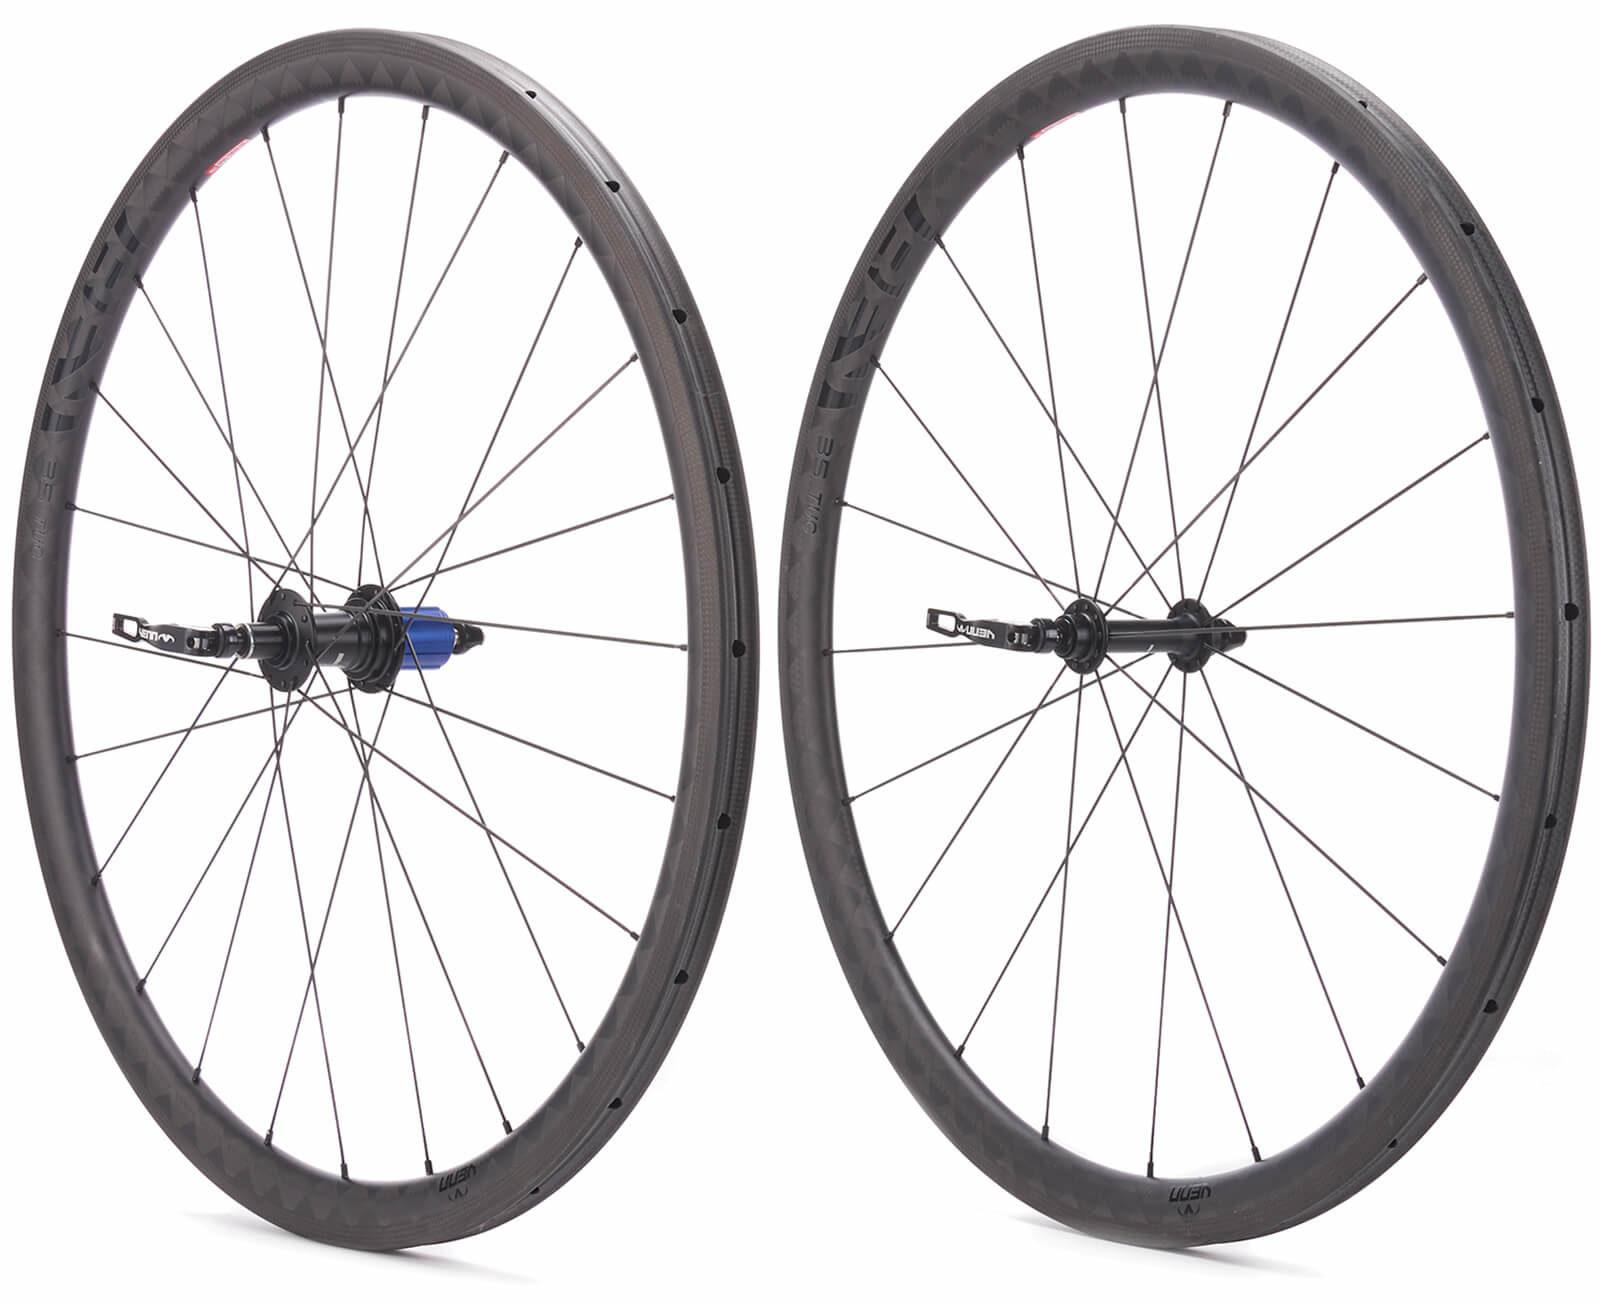 Venn Rev 35 carbon wheelset